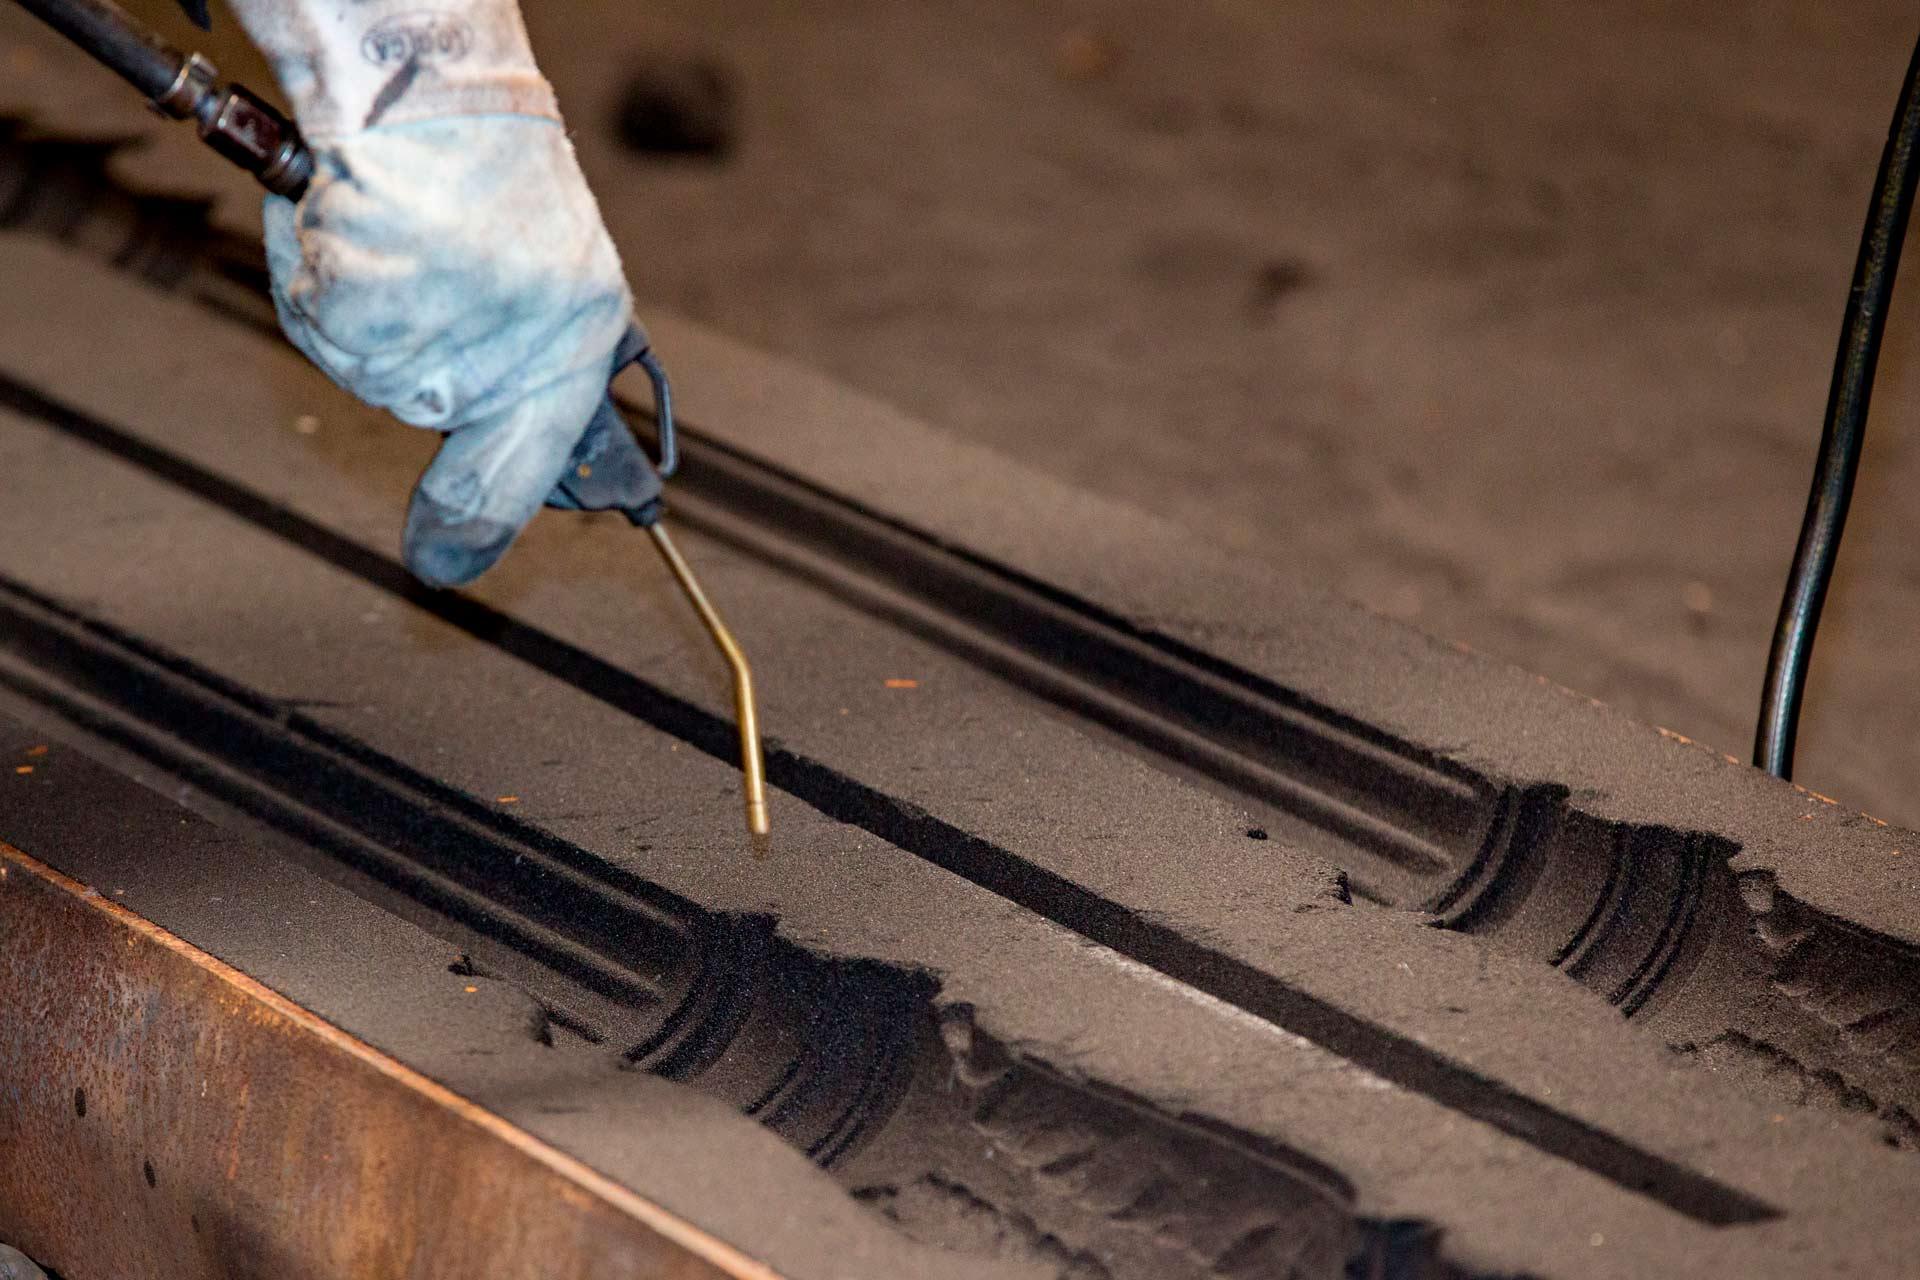 Lo stampo è solitamente realizzato in acciaio o ghisa e al suo interno, grazie all'utilizzo di una miscela di sabbia e resina, è riprodotto il negativo del componente finale.